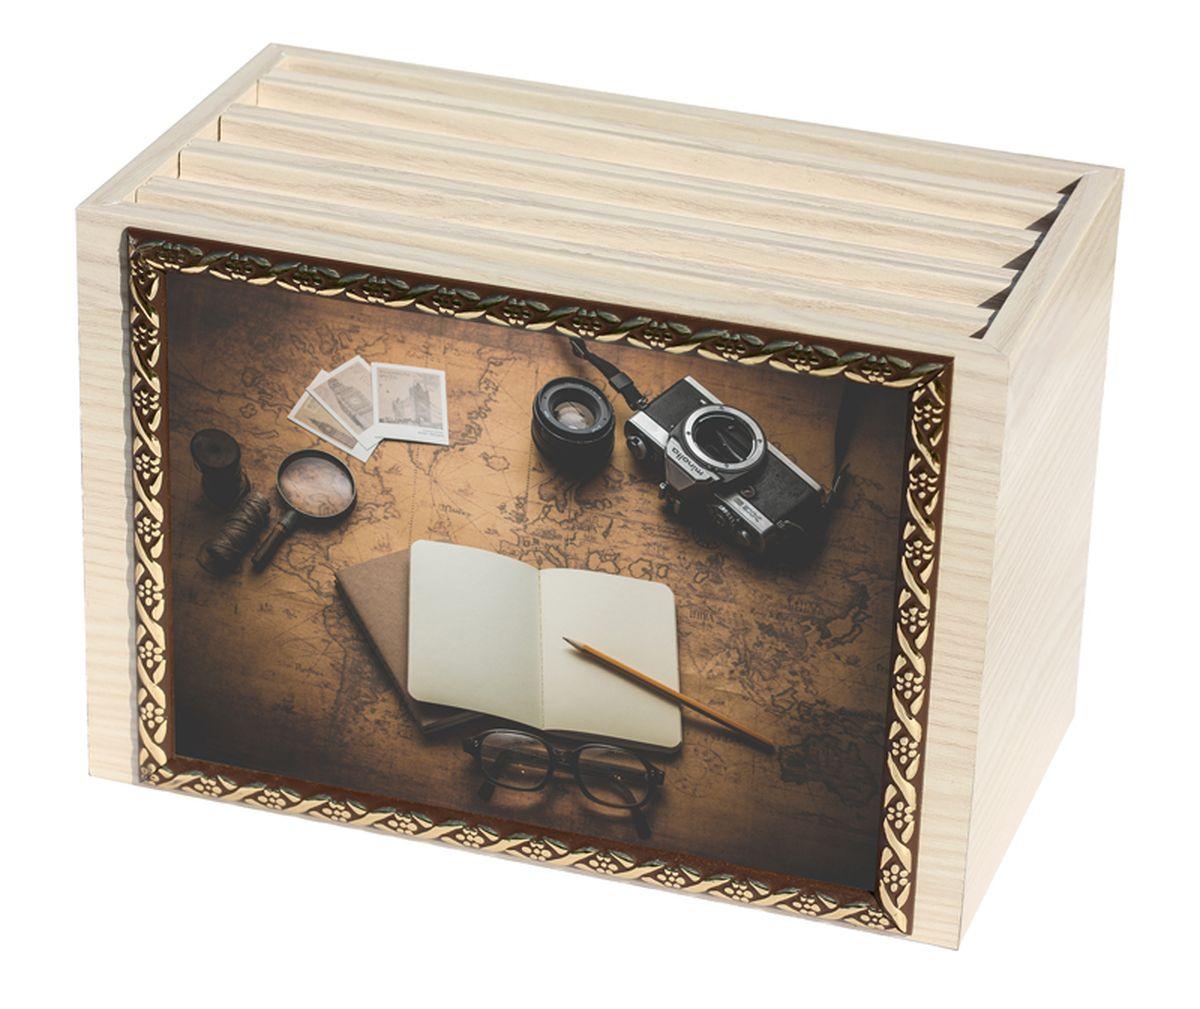 Фотобокс Milarte, 96 фотографий, 16 х 9 х 22 см. FBVD-119006FBVD-119006Фотобокс Milarte поможет аккуратно и стильно хранить ваши фотографии. Фотобокс выполнен из МДФ цвета выбеленный дуб. Изображение нанесено с лицевой стороны на корпус и обрамлено пластиковой рамкой с узором. Фотобокс содержит 4 вынимающиеся вкладки с ПВХ-карманами для фото, по 24 штуки каждая. Стильный и красивый фотобокс не только отлично дополнит интерьер, но и станет чудесным подарком к любому случаю, который обязательно порадует получателя. Размер изображения: 16 х 11 см.